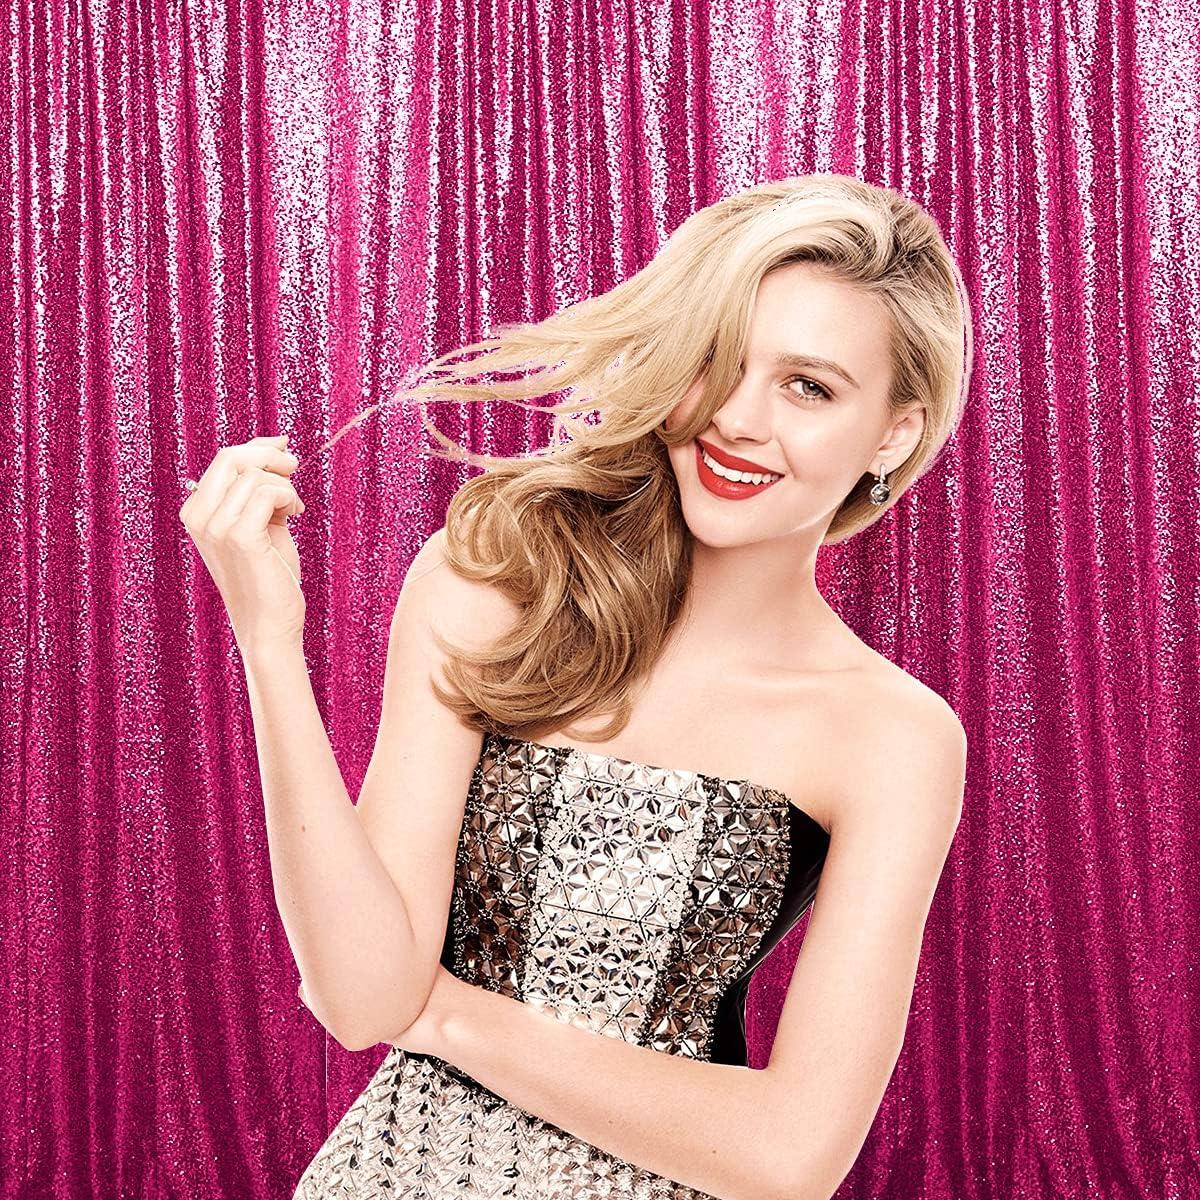 セール品 AIXHN Sequin お中元 Backdrop Curtain 10FTx10FT Pink Photogra Hot